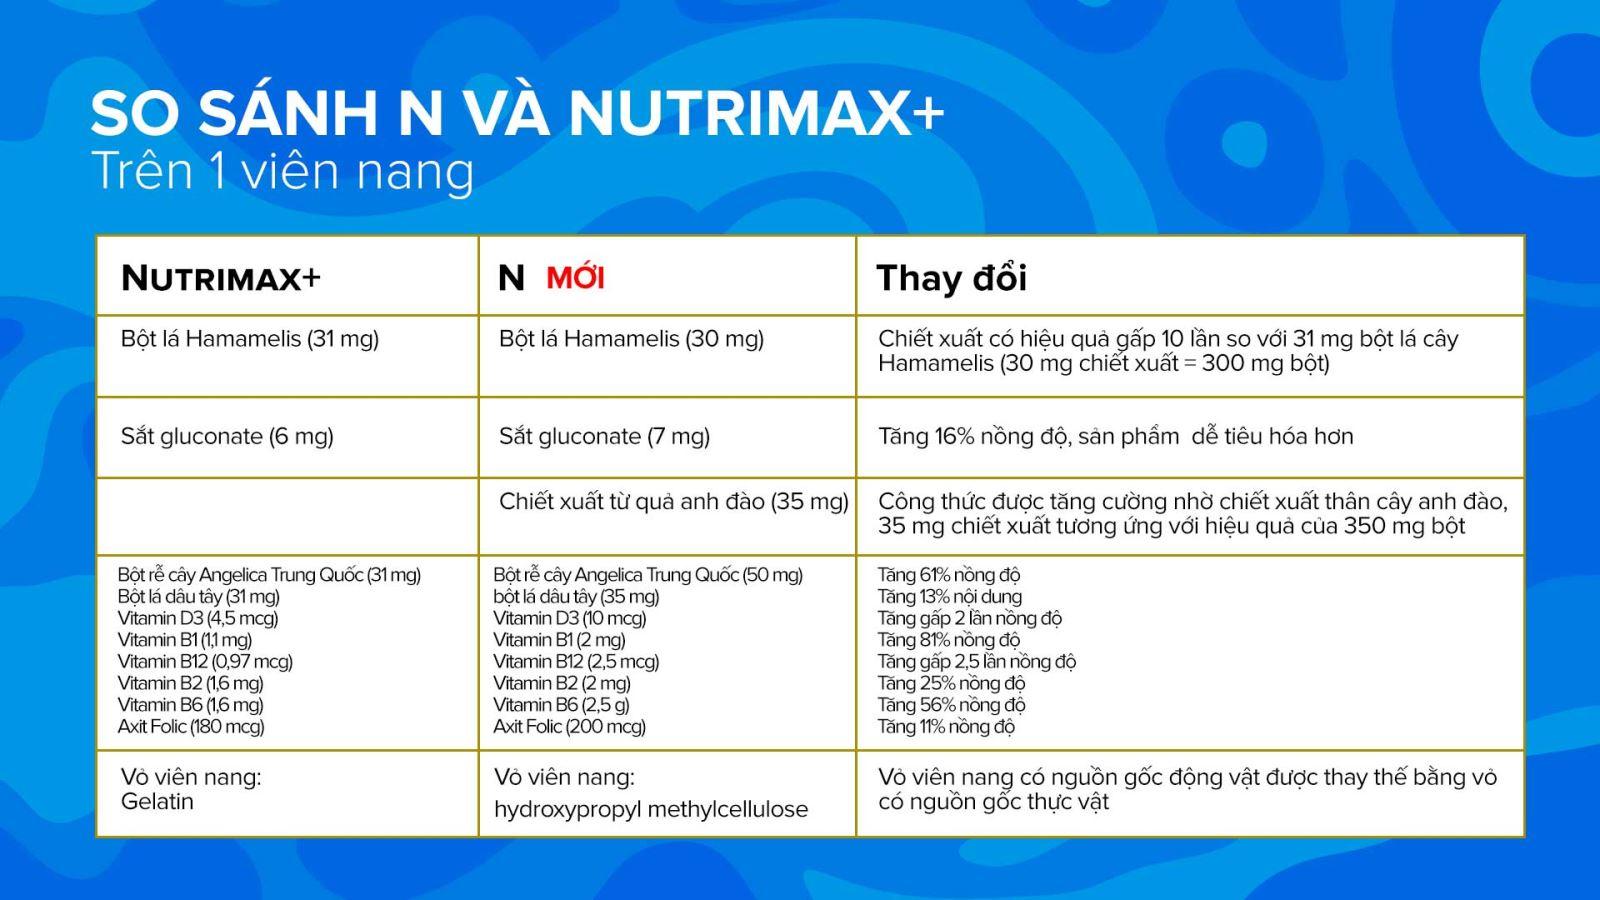 Bảng so sánh thành phần trong sản phẩm N và Nutrimax+